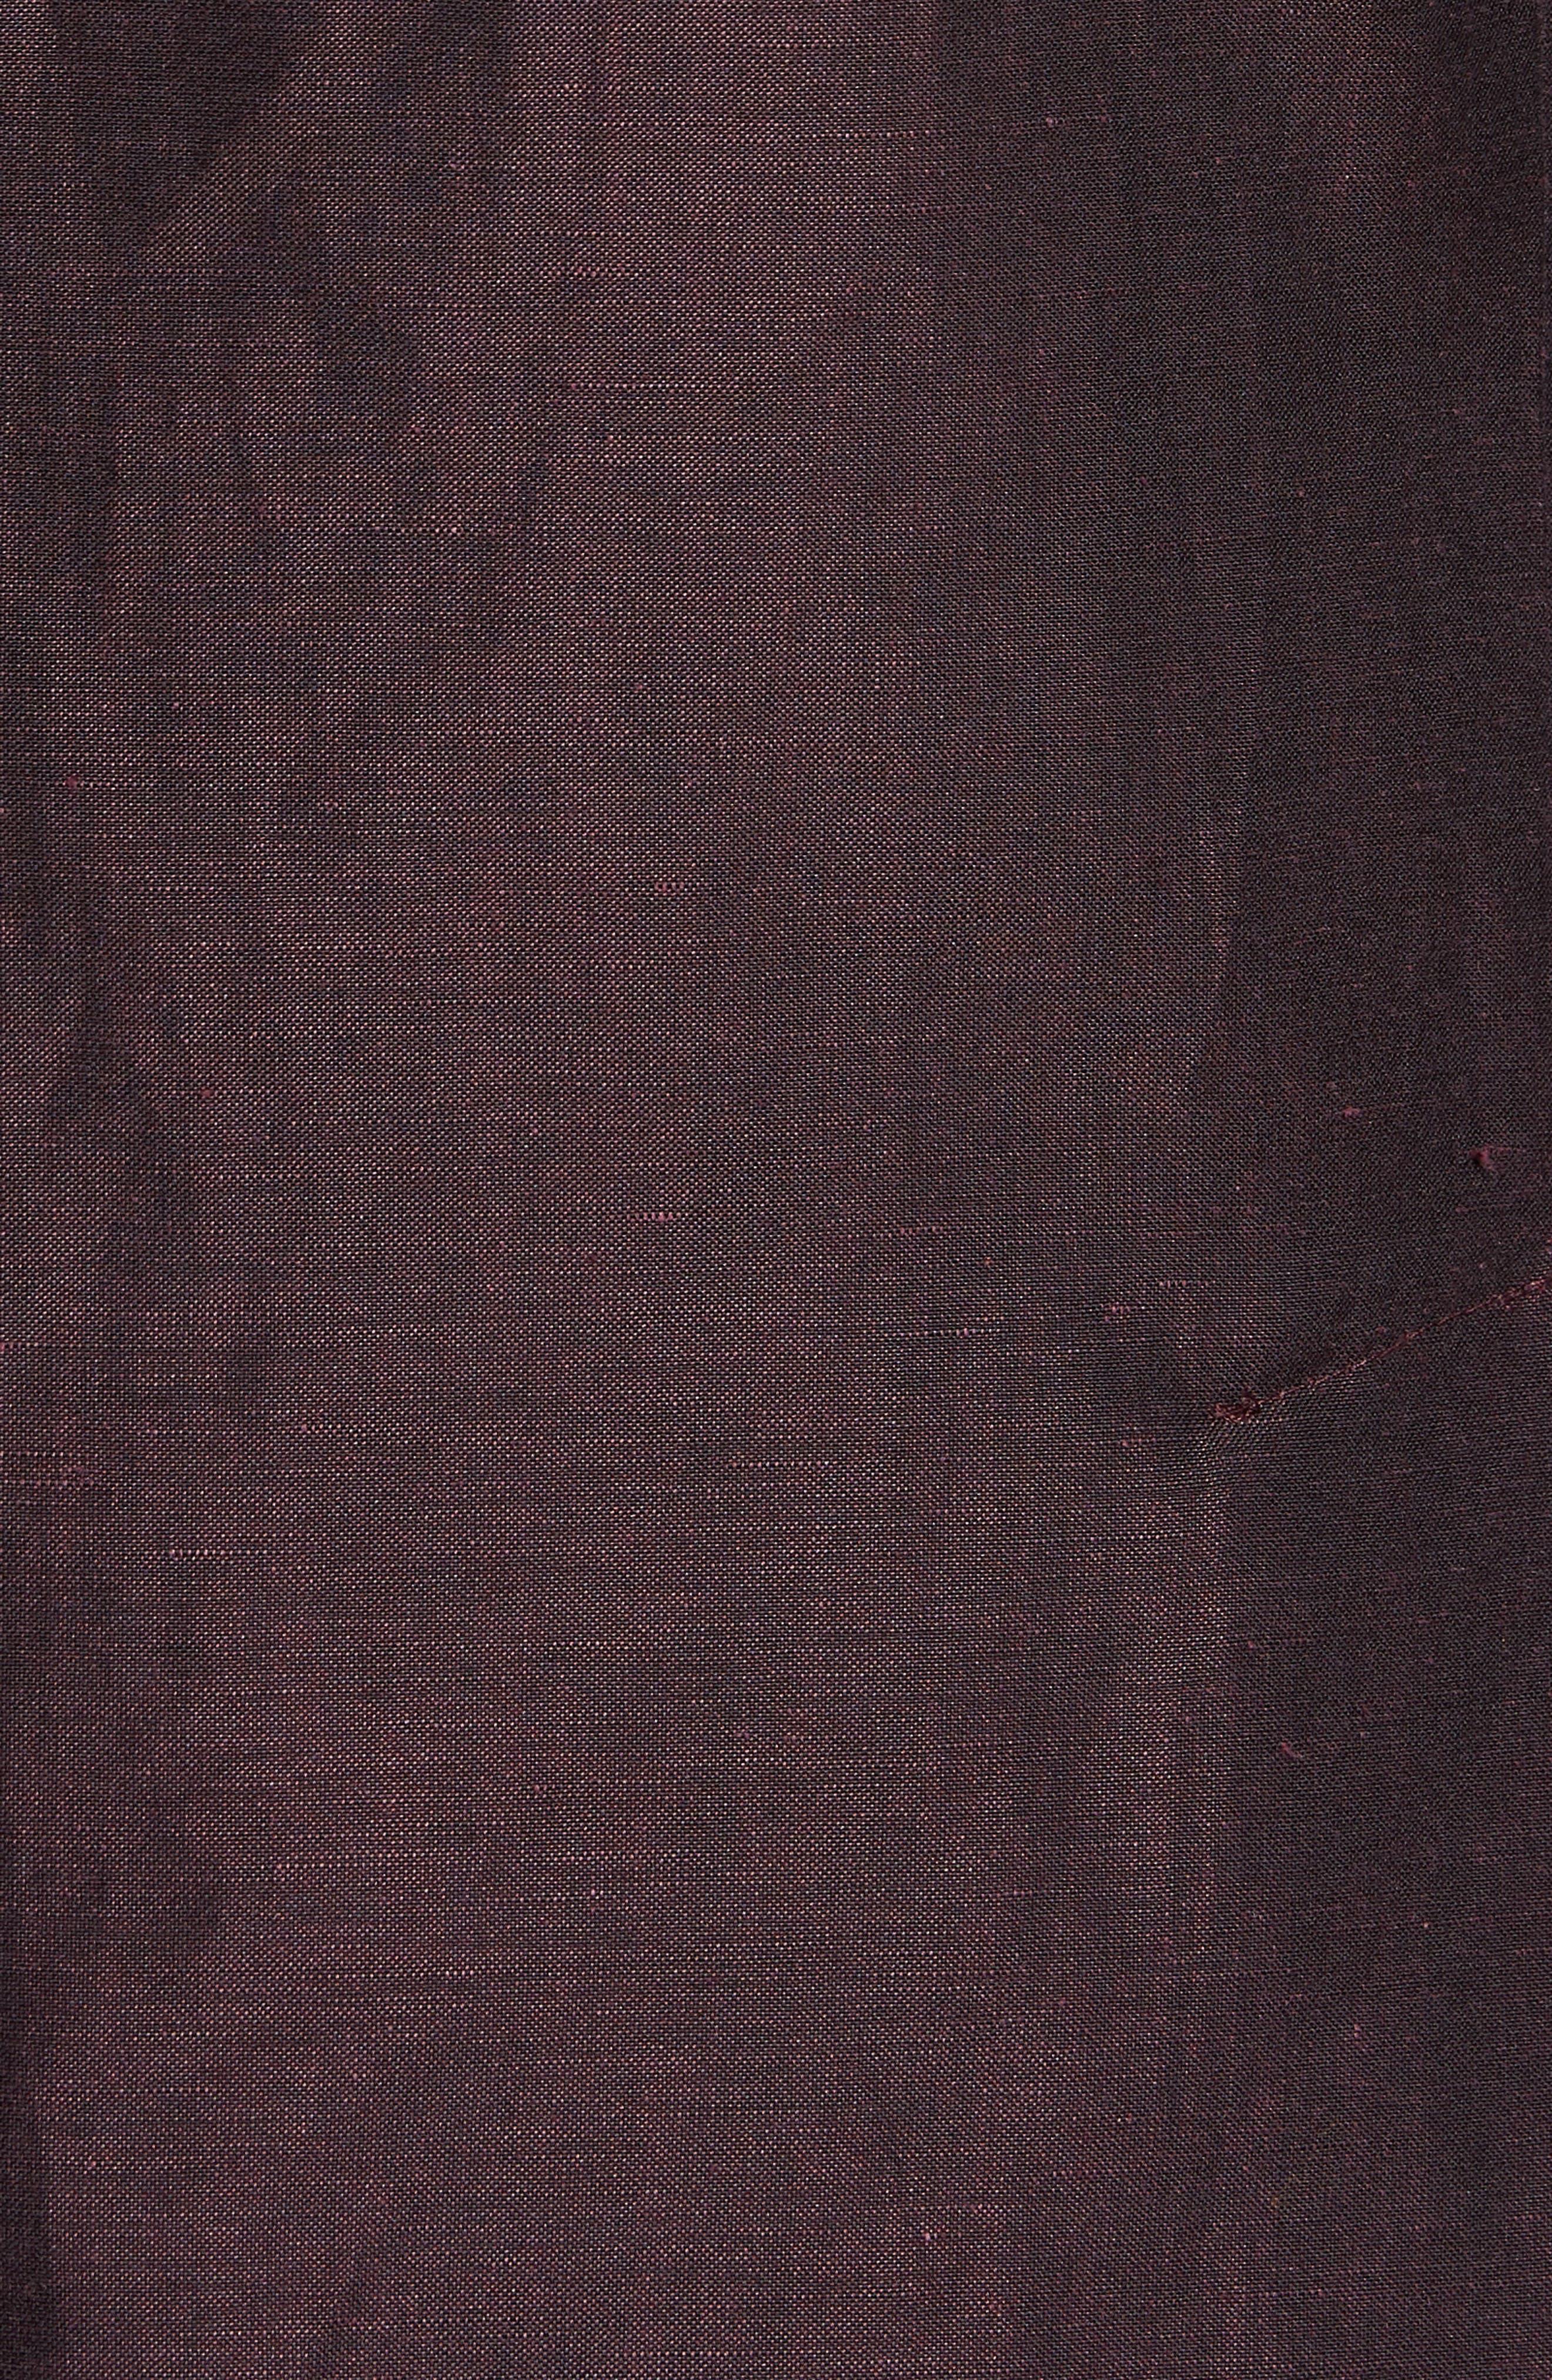 Shelby Trim Fit Wool & Linen Suit Jacket,                             Alternate thumbnail 5, color,                             Plum